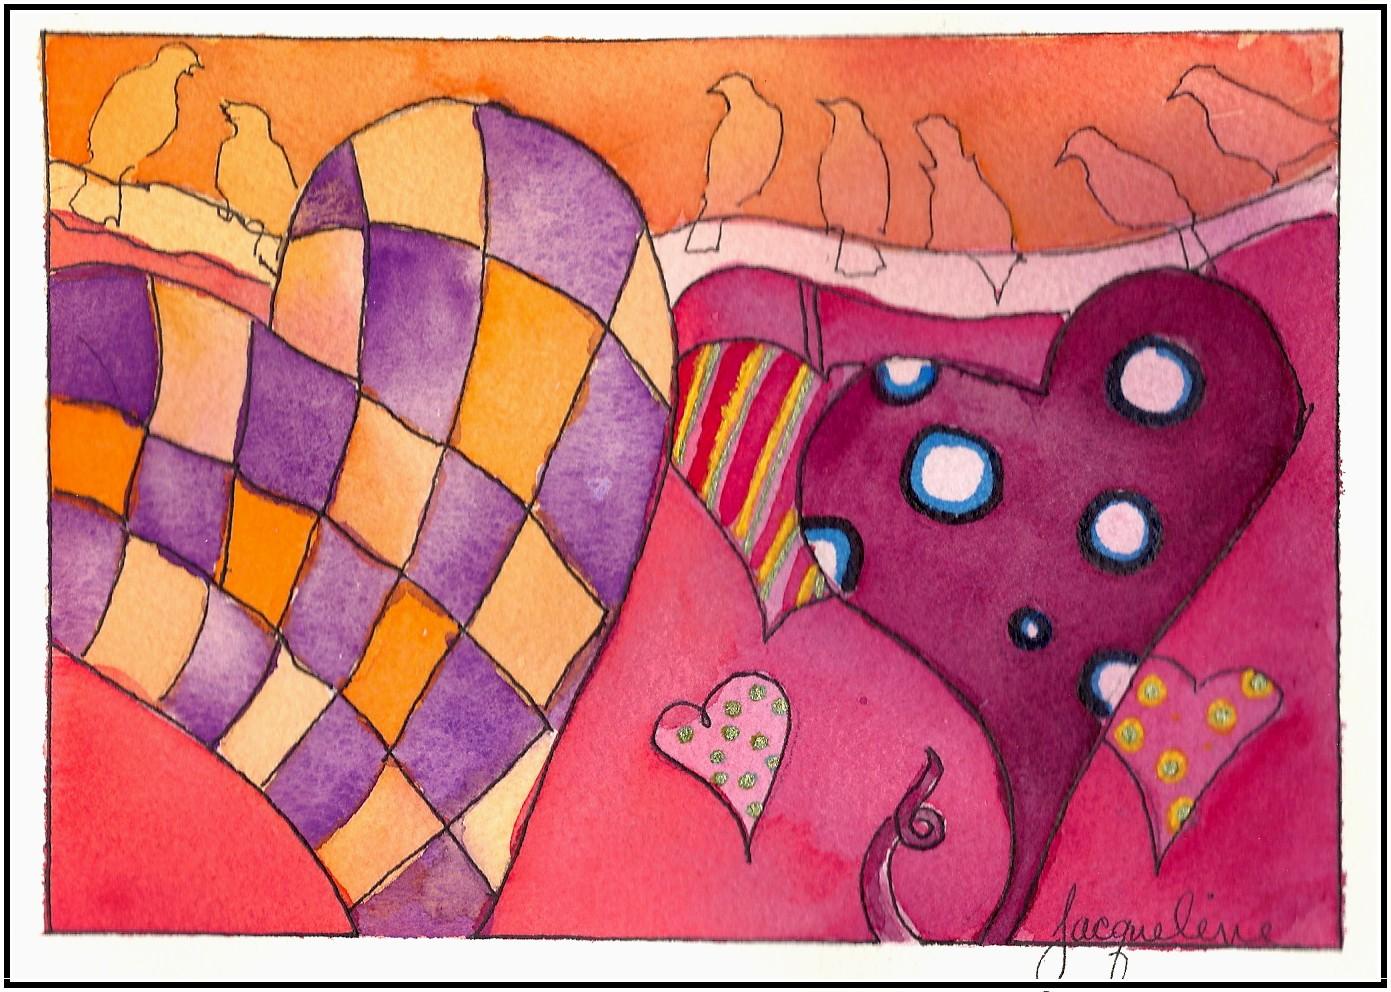 http://1.bp.blogspot.com/_tm8Wd_PMc7U/TVAQYcJm0HI/AAAAAAAAAPs/R8y0q1AqlKc/s1600/Hearts.jpg